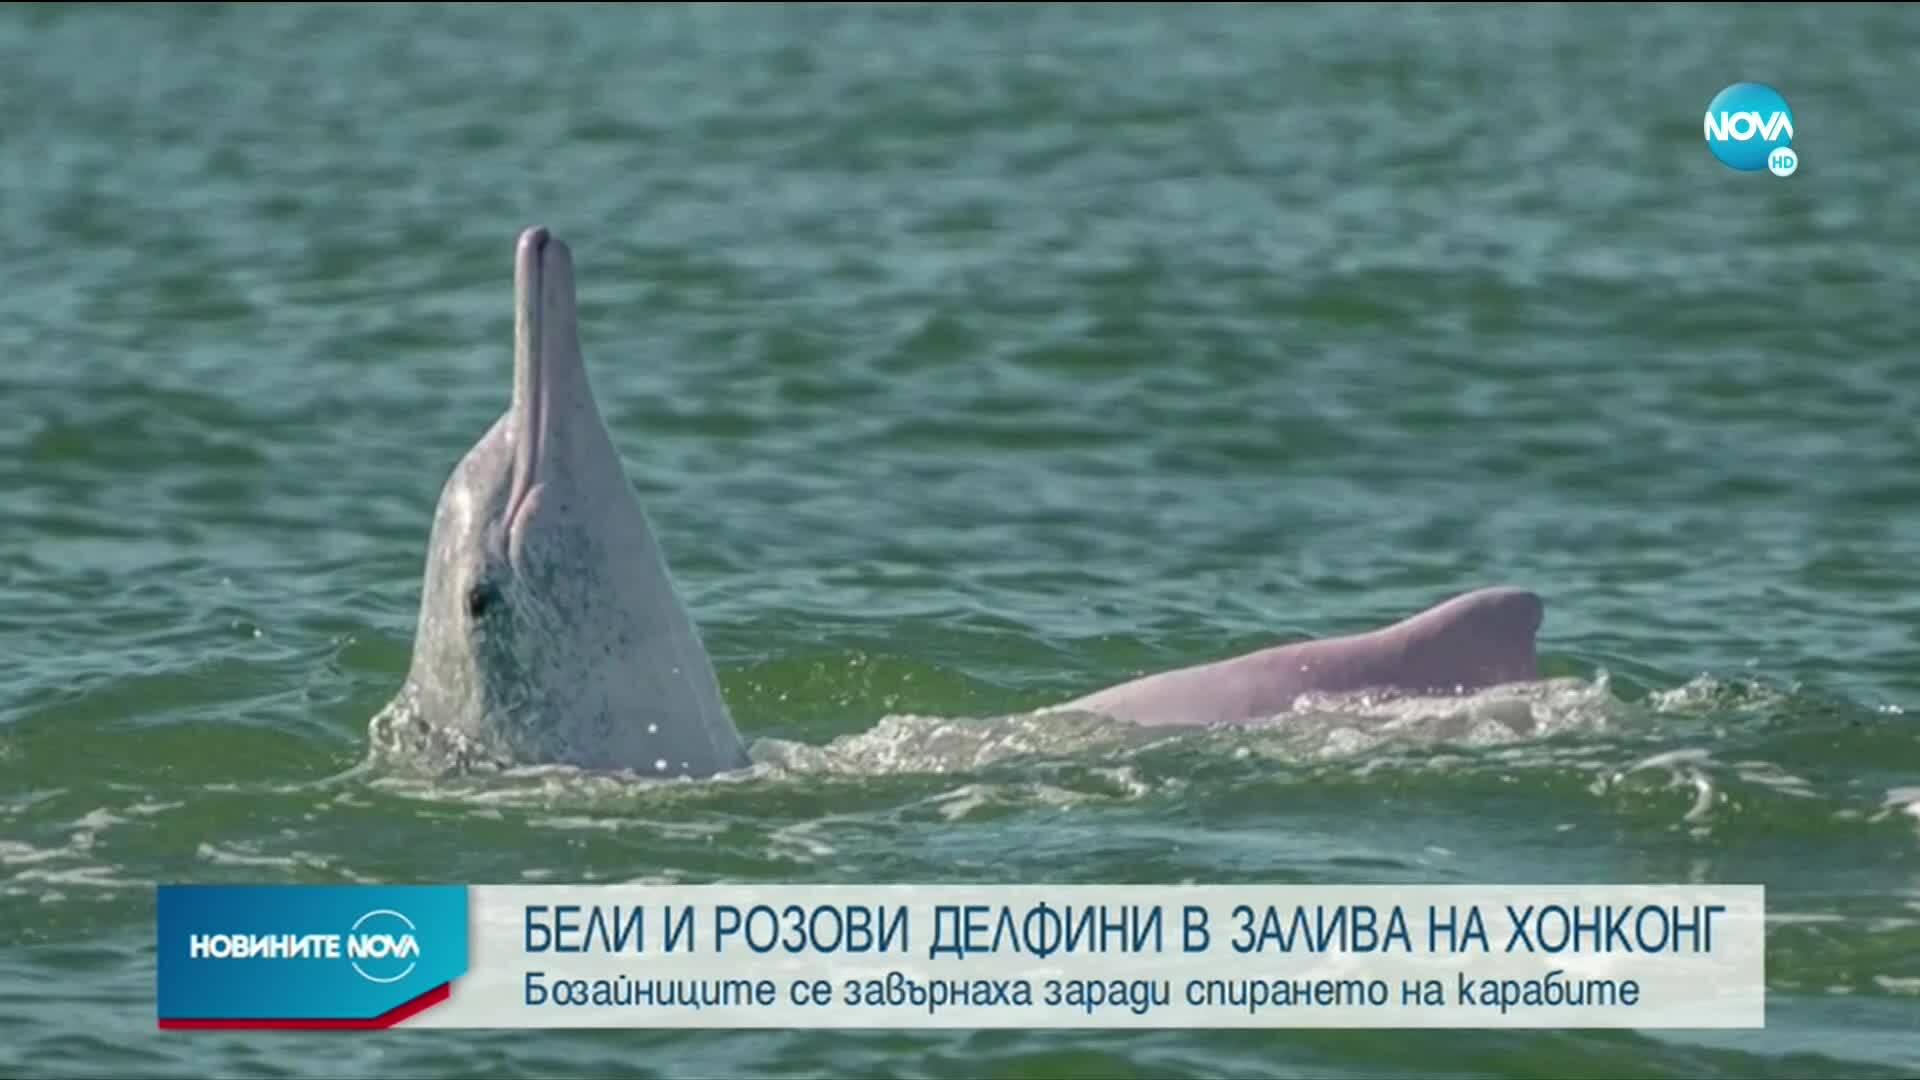 Бели и розови делфини се завърнаха в залива на Хонконг